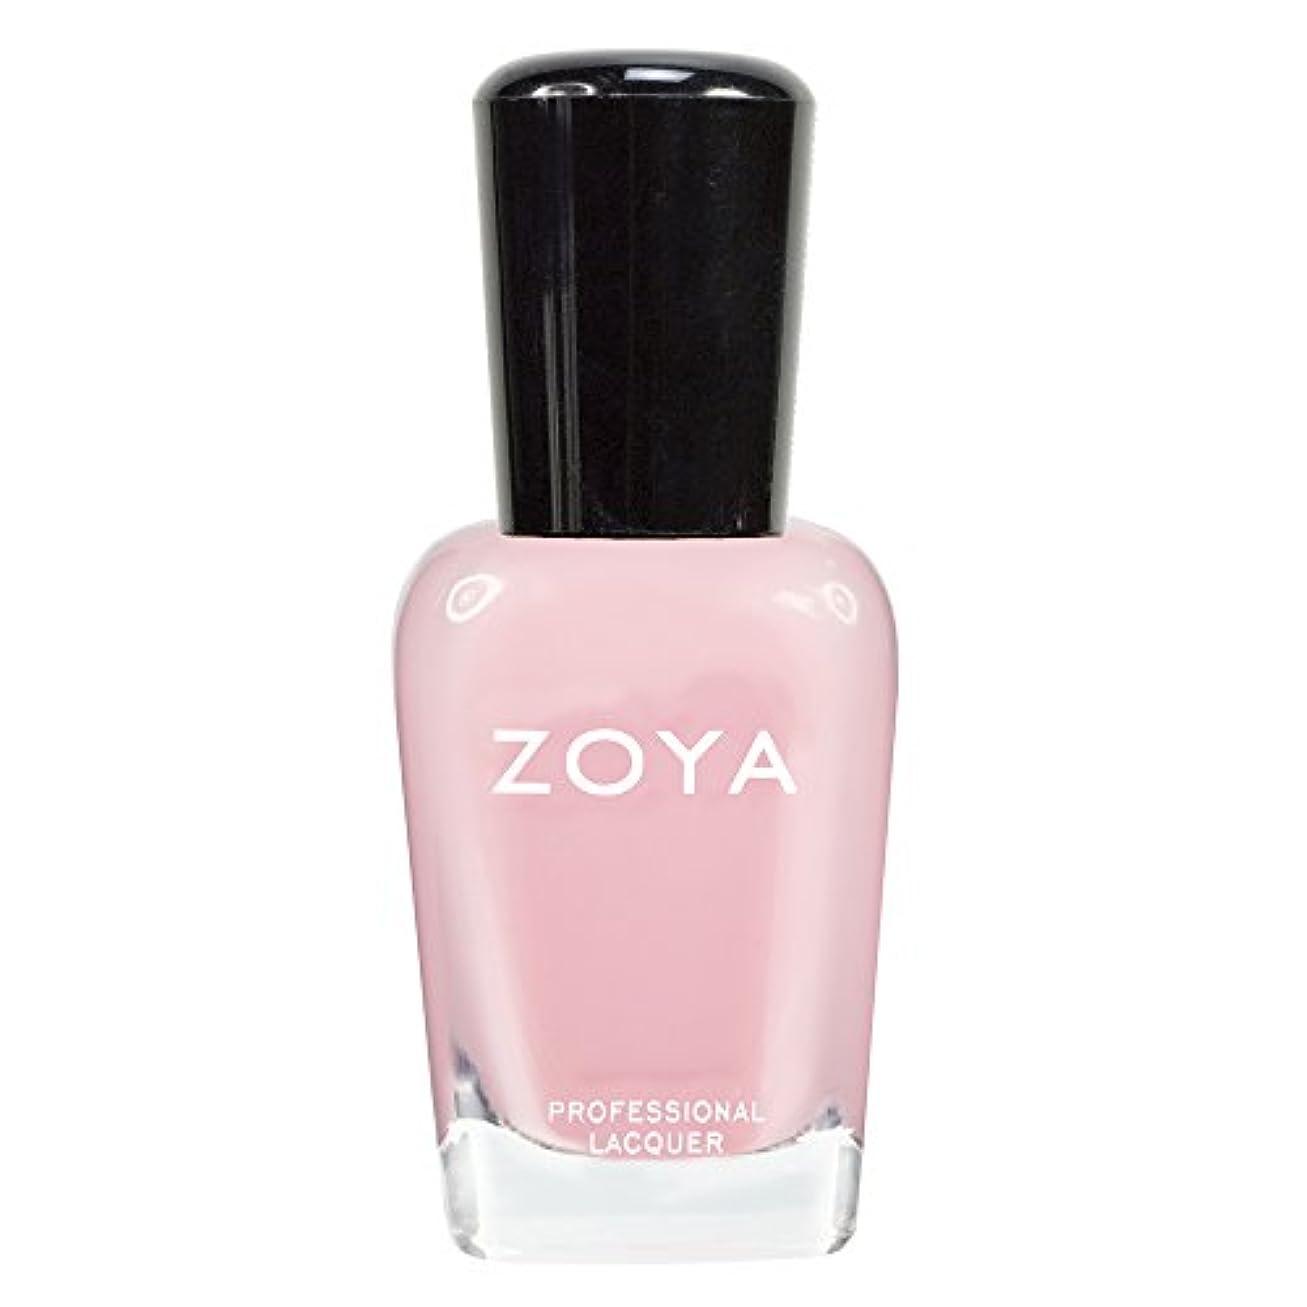 スキッパー手数料共感するZOYA ゾーヤ ネイルカラーZP433 LAURIE ローリー 15ml 可愛く色づく桜の花ようなピンク シアー/クリーム 爪にやさしいネイルラッカーマニキュア